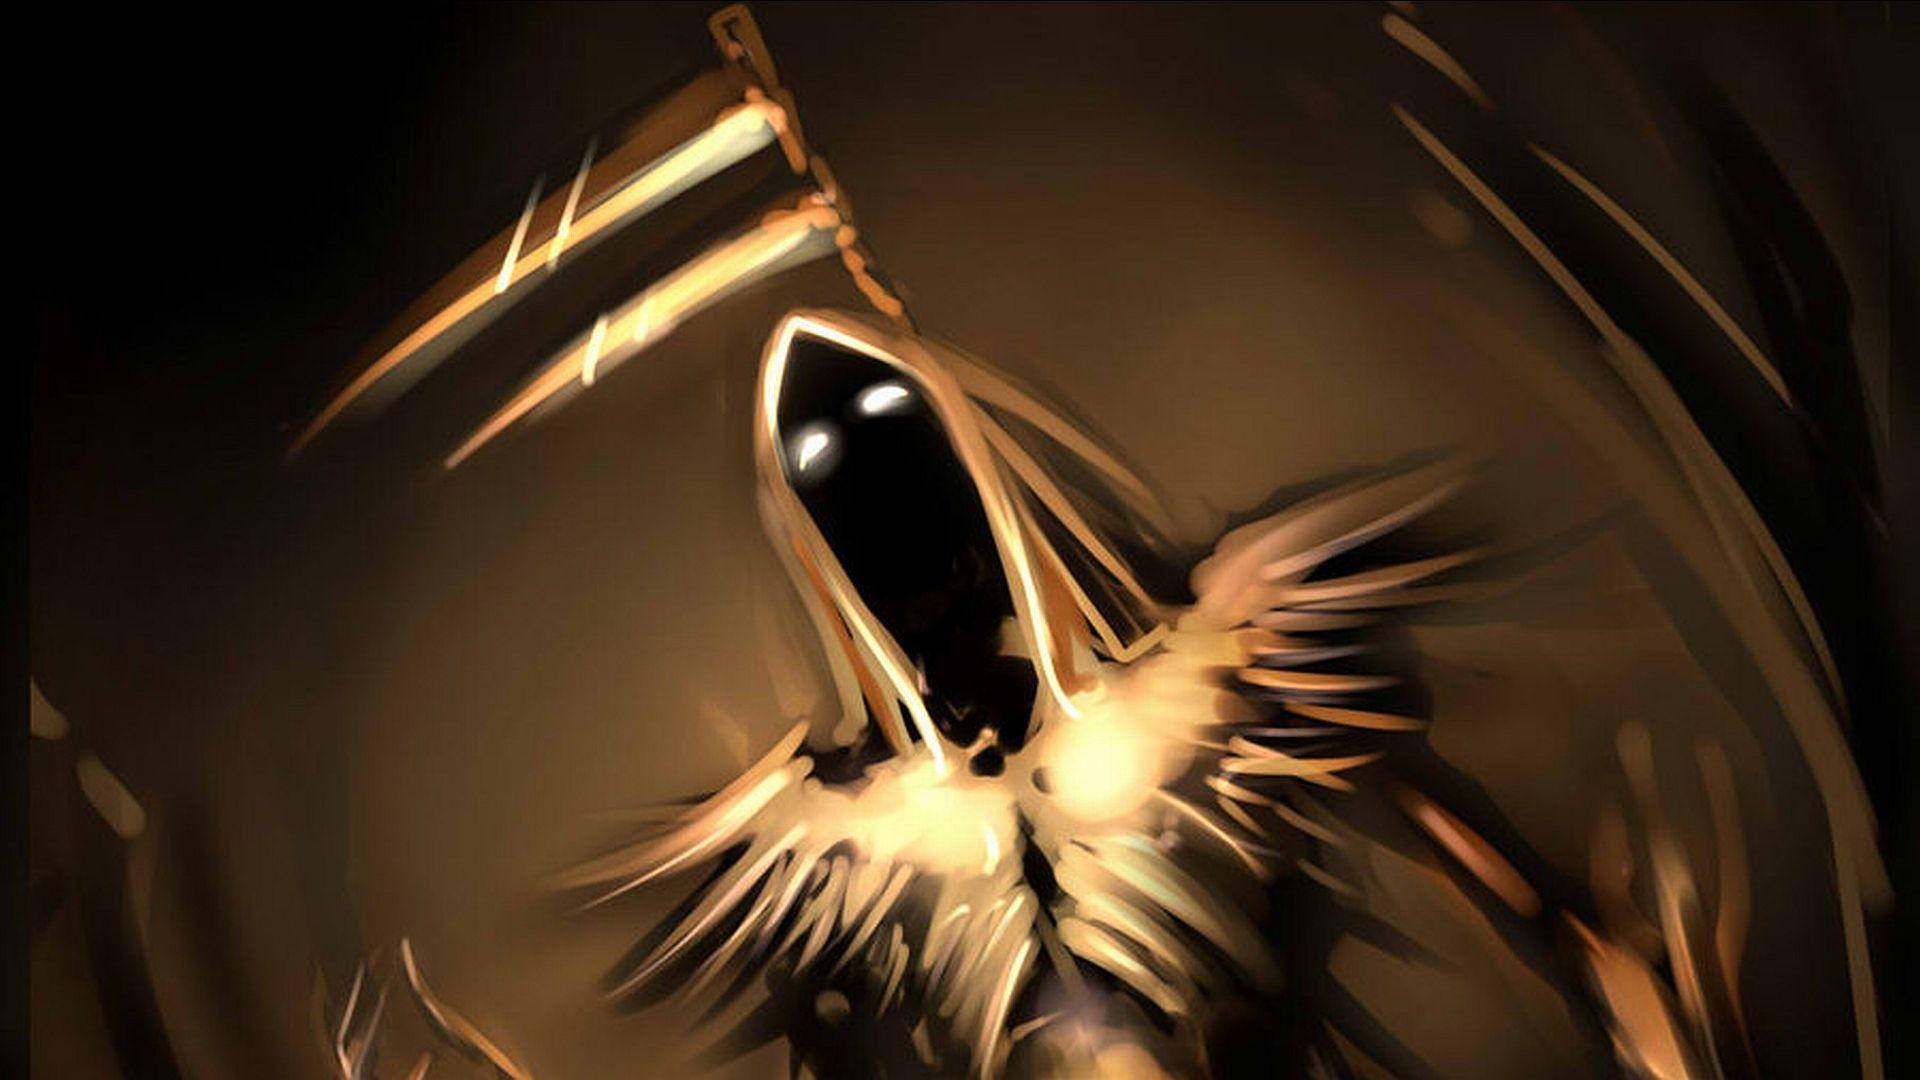 Dark Grim Reaper horror skeletons skull creepy b wallpaper